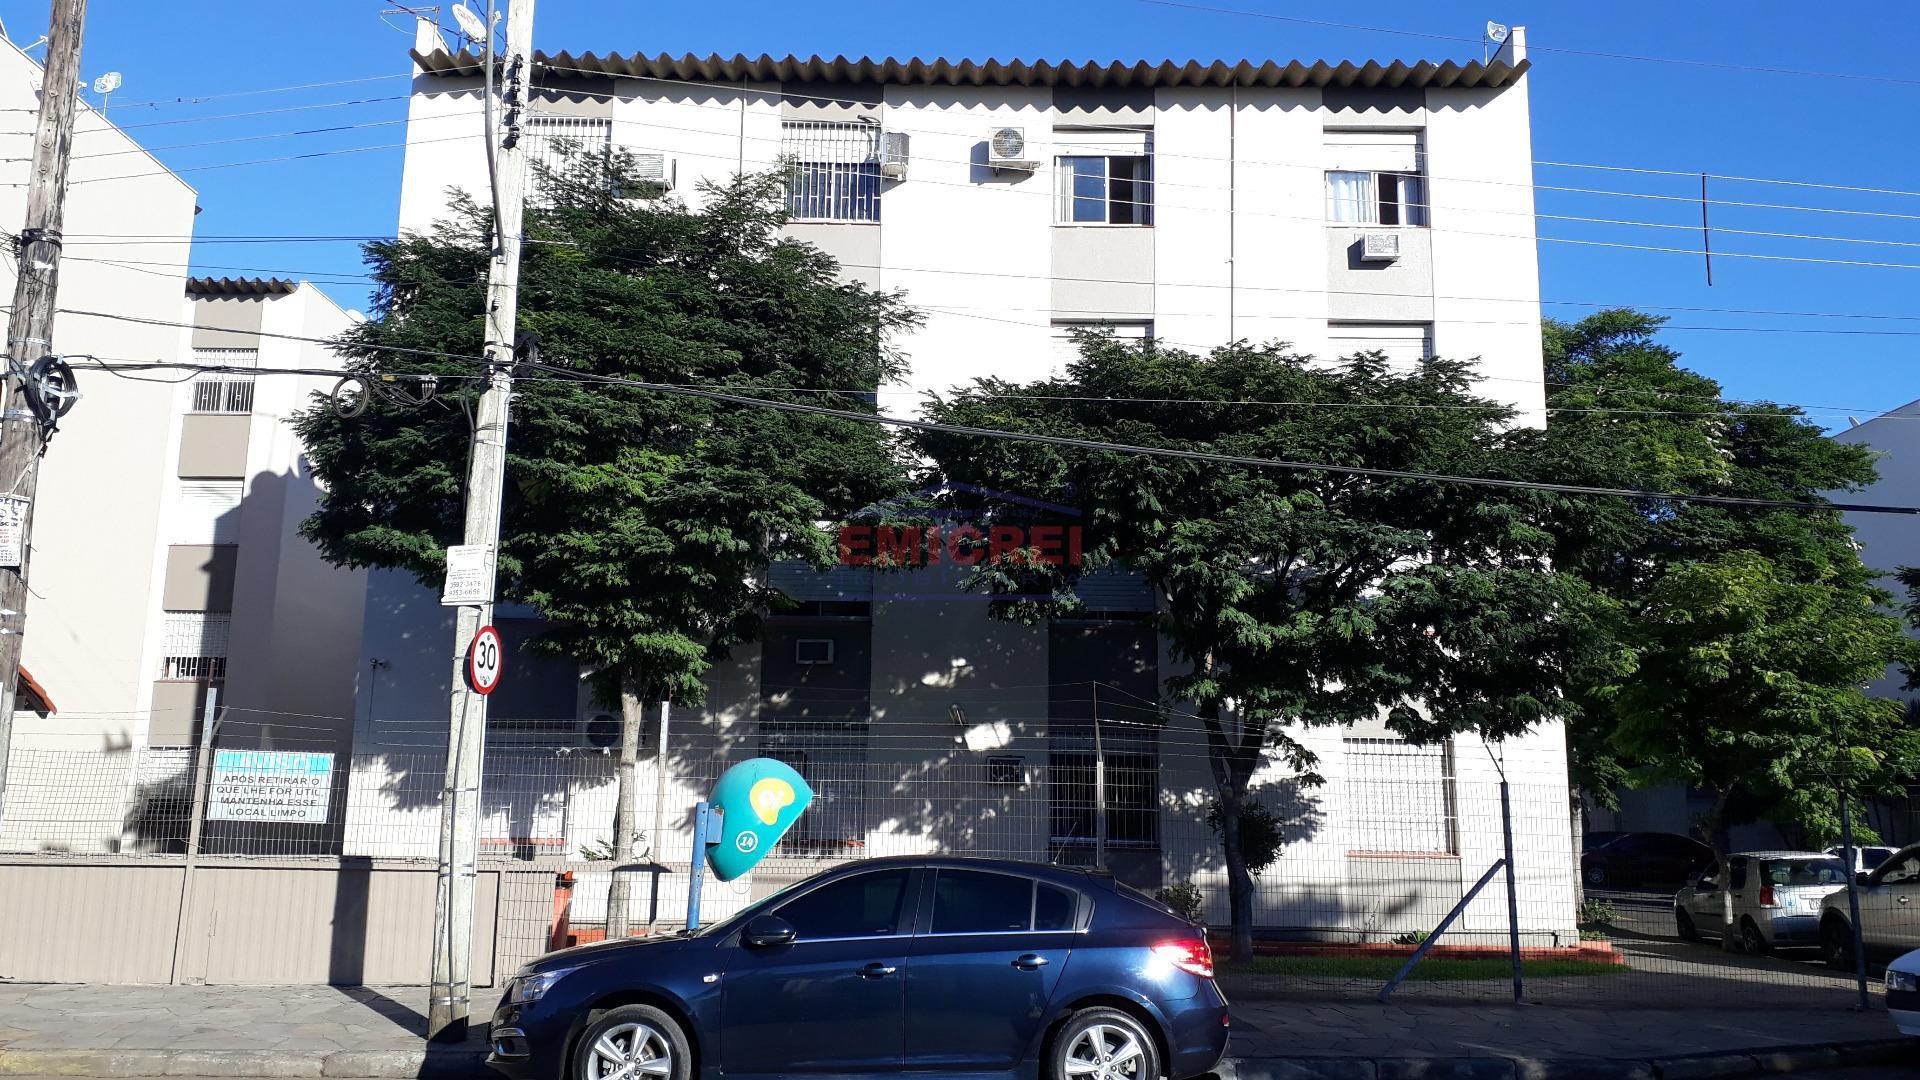 Apartamento no Charrua em São Leopoldo, 2 dormitórios, gesso, massa corrida, porcelanato, iluminação led, semi-mobiliado.